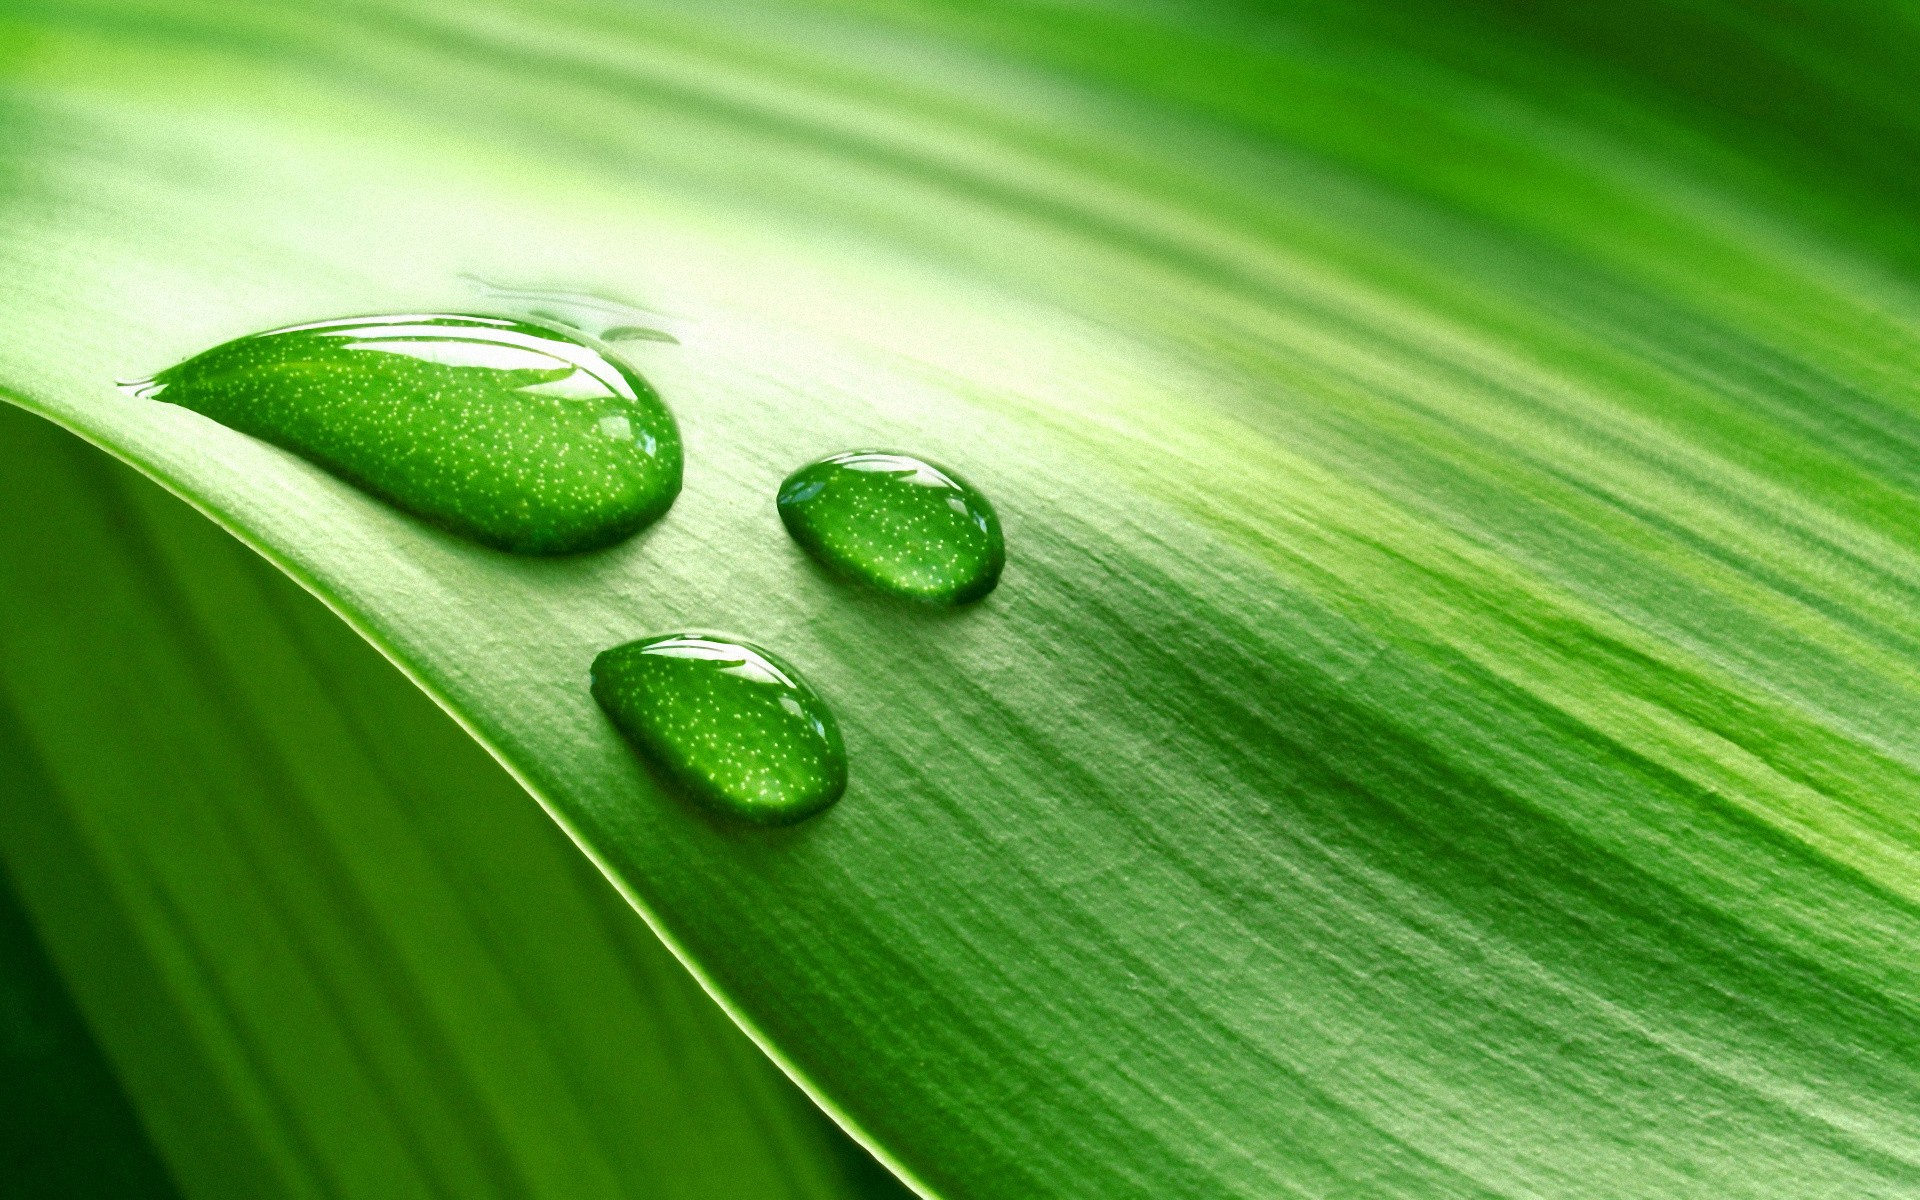 Hoja verde y gotas de agua - 1920x1200